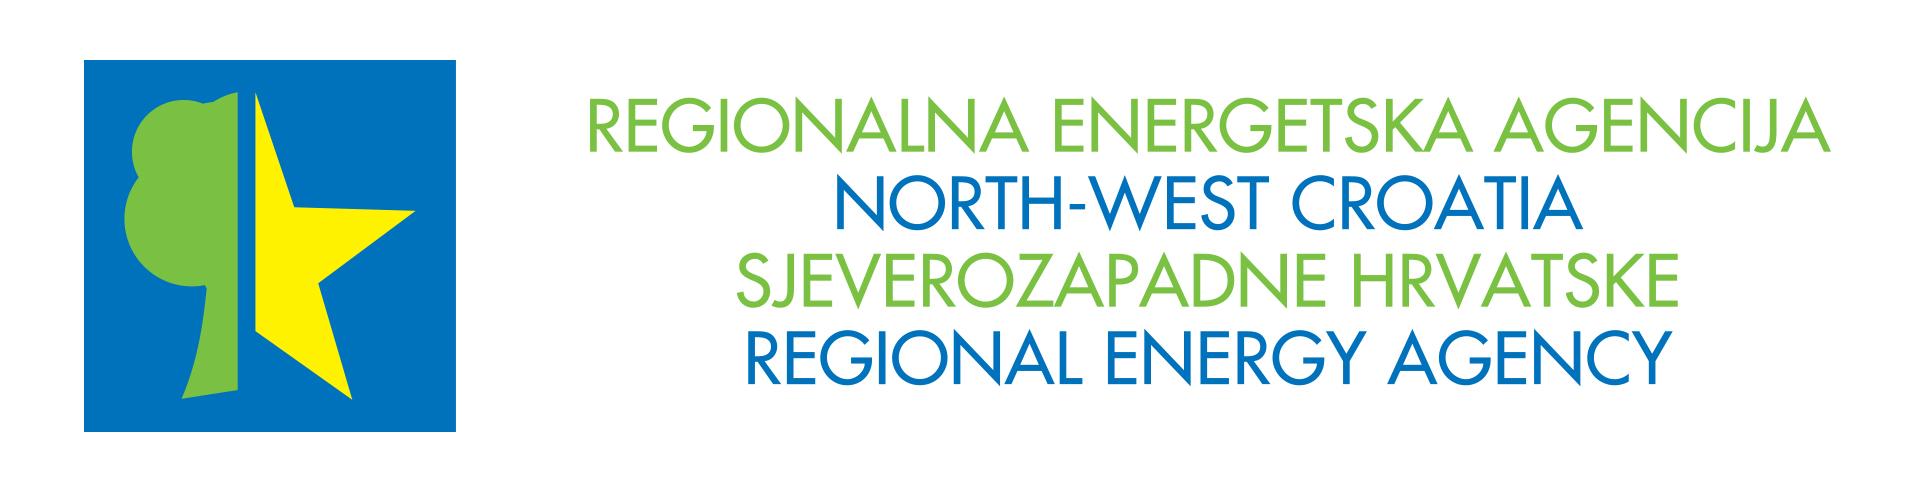 Regionalna energetska agencija Sjeverozapadne Hrvatske